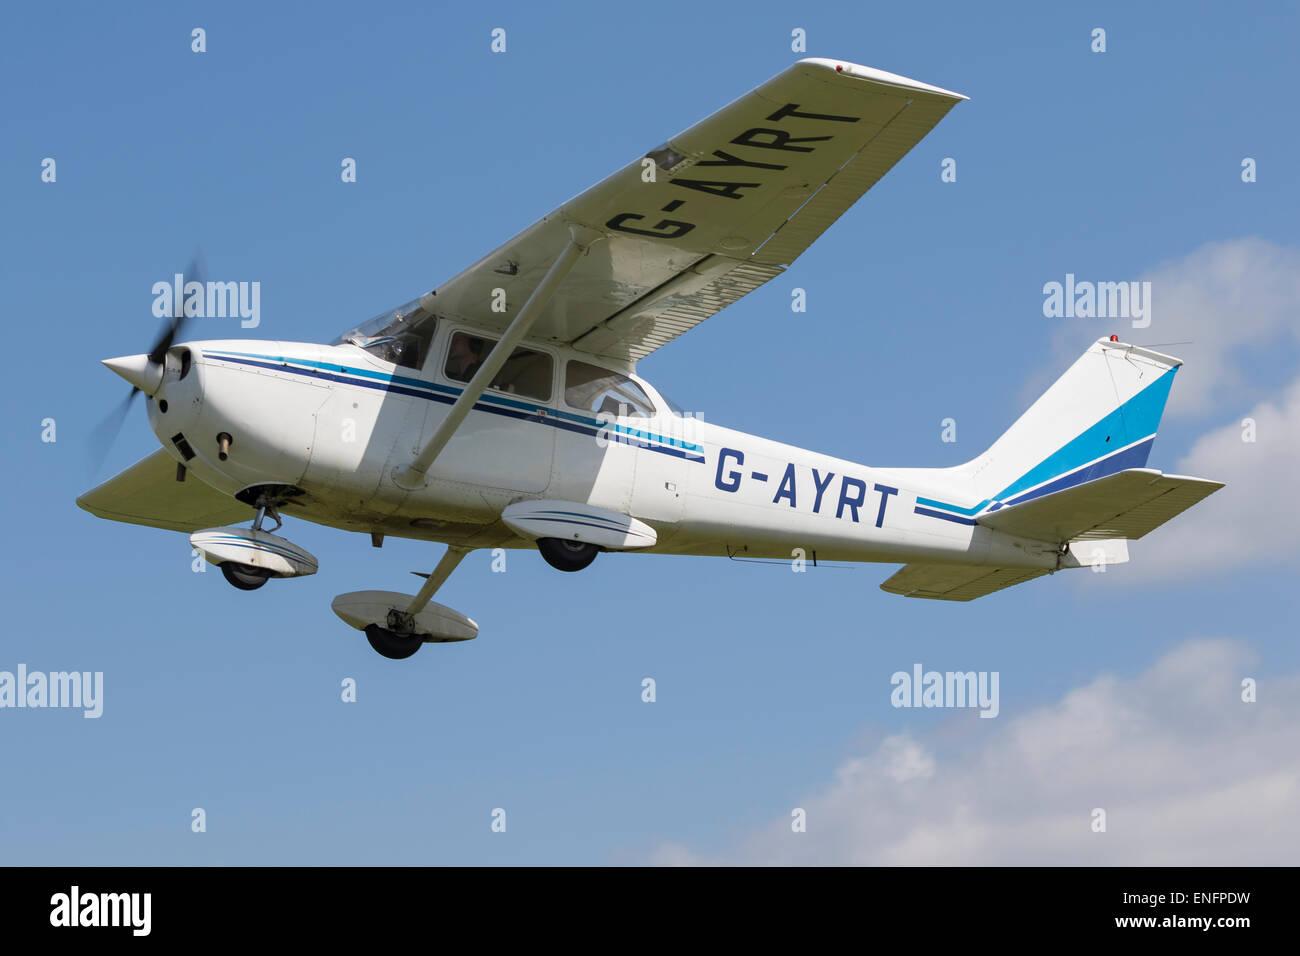 Reims Cessna 172K, built 1972, Registered G-AYRT, in flight at Breighton